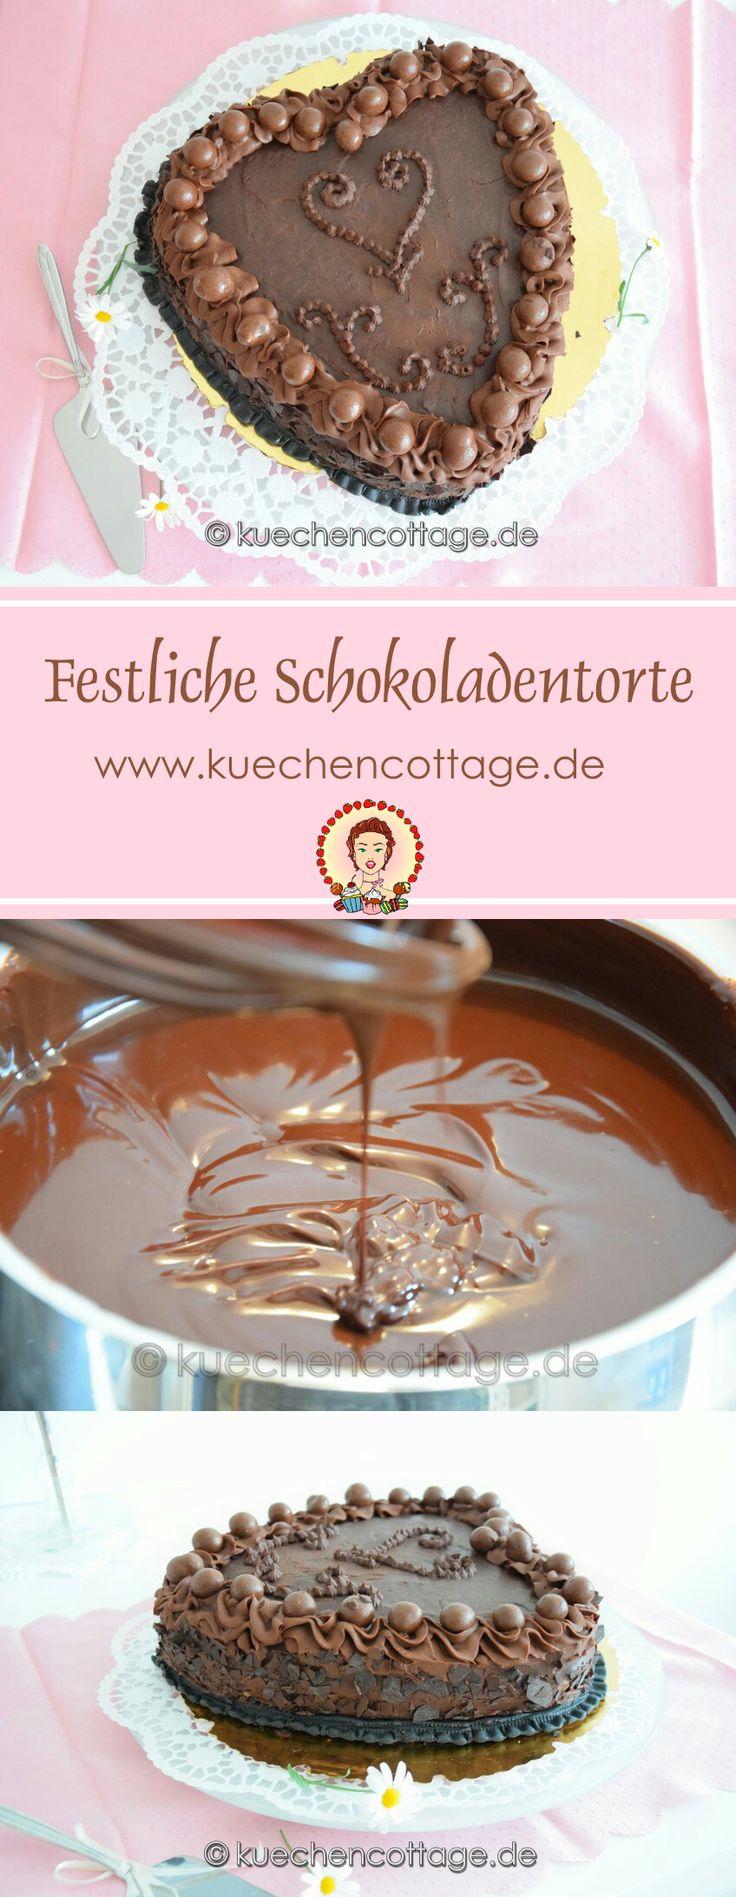 Festliche Schokoladen-Torte | Küchencottage…